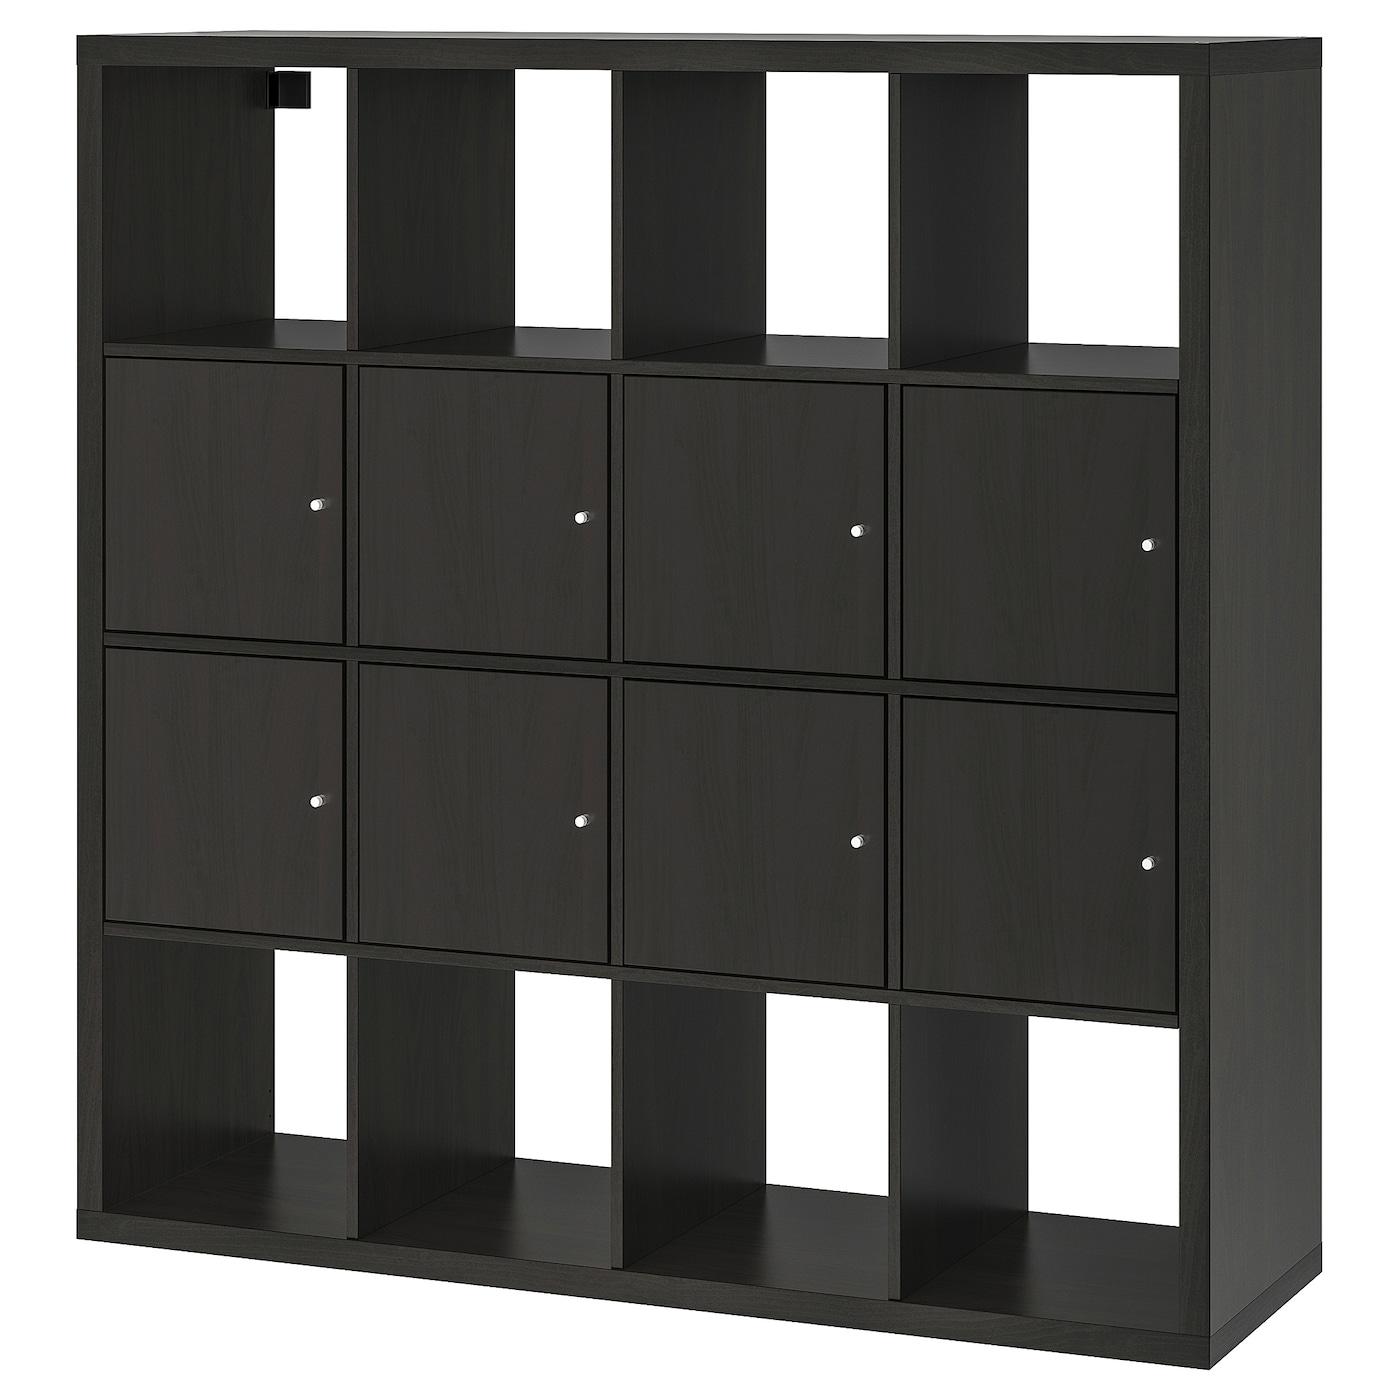 KALLAX Regal mit 8 Einsätzen - schwarzbraun - IKEA Schweiz